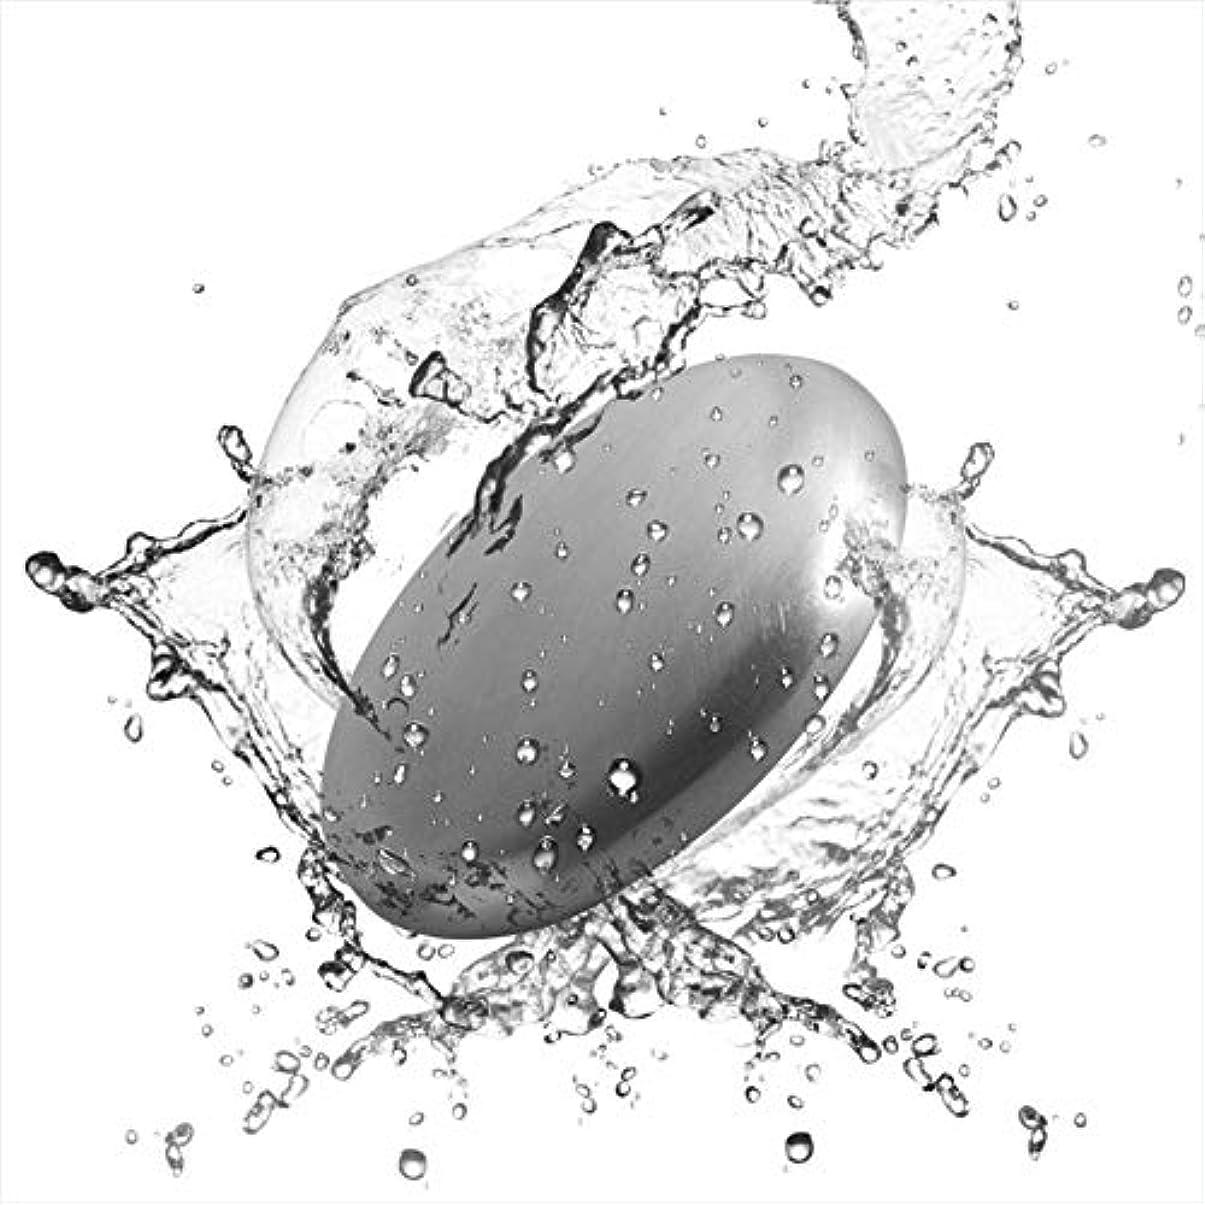 高いライラックギャラリーRefoiner ステンレス製品 ソープ 実用的な台所用具 石鹸 魚臭 玉ねぎやニンニク 異臭を取り除く 2個